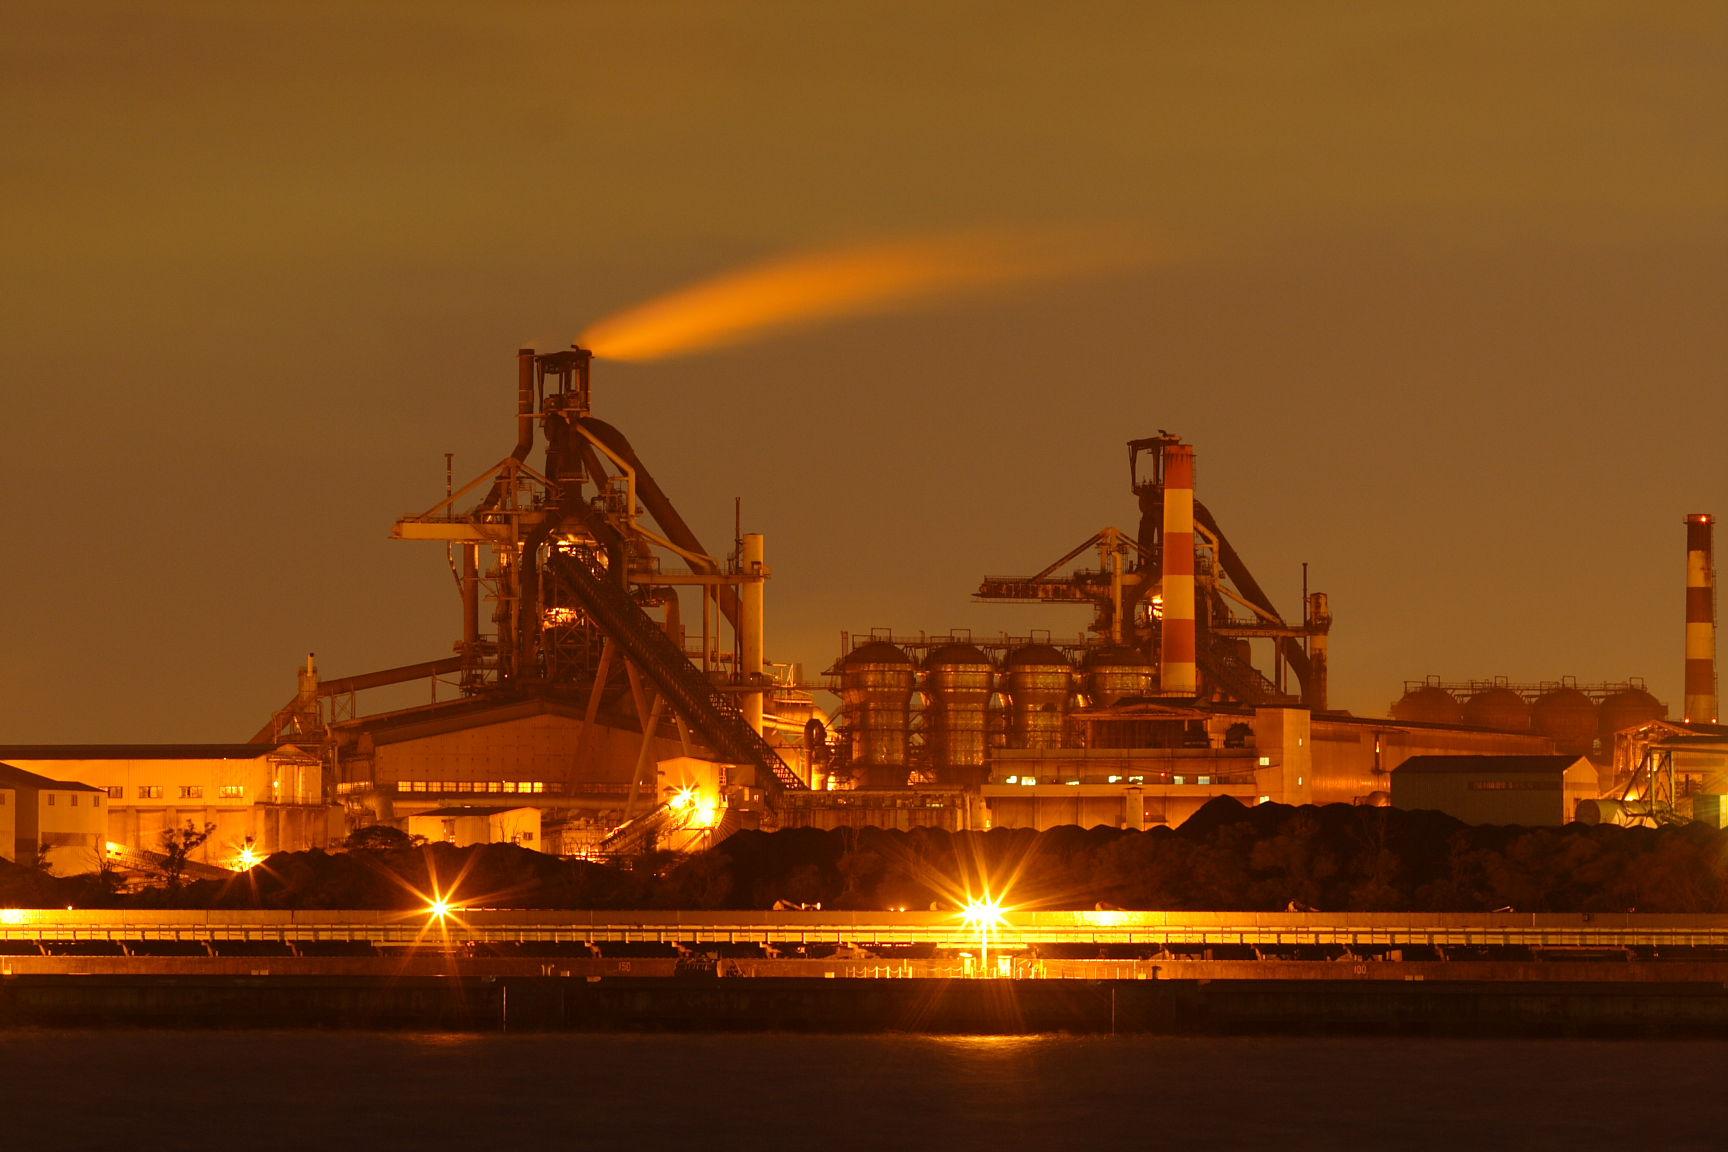 「川崎港」をエキサイトブログ全体からタグ検索 Tags:#川崎港 #JFEスチール JFEスチー